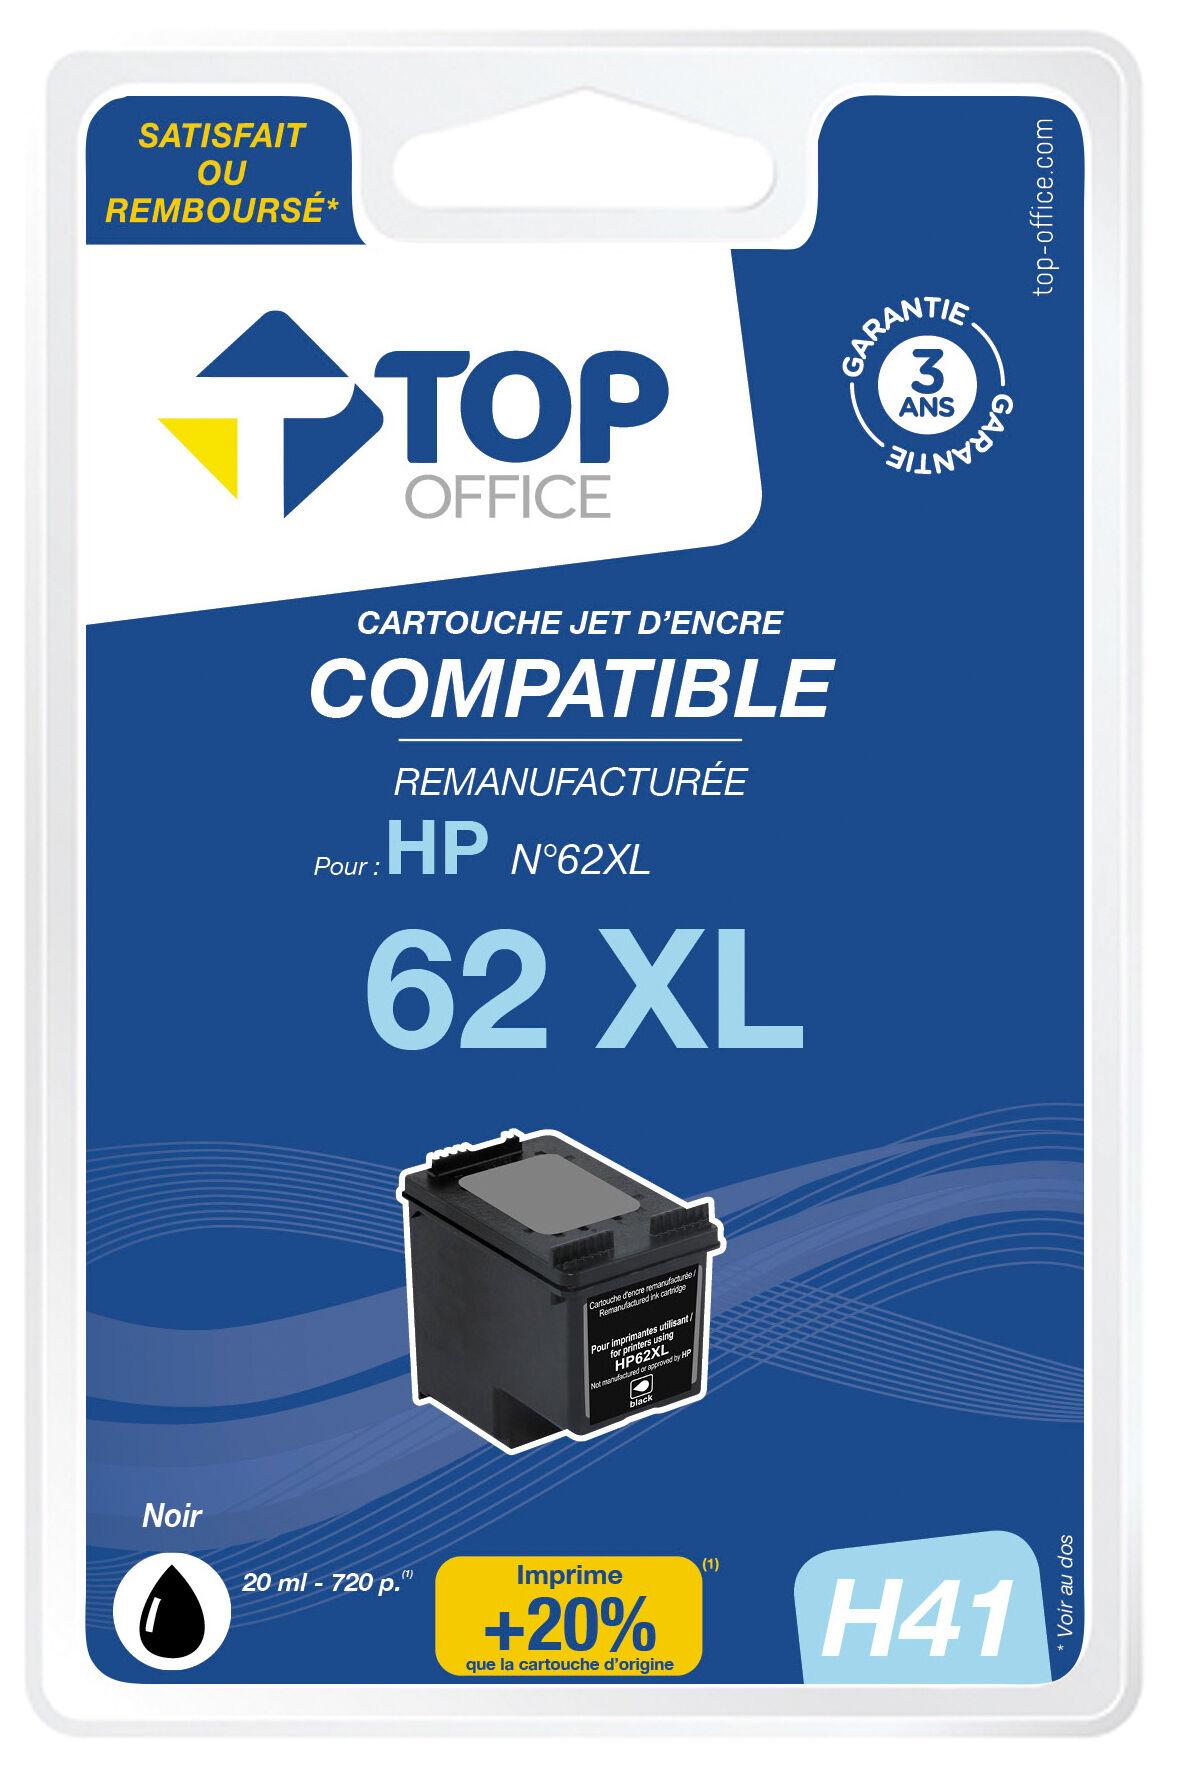 TOP OFFICE Cartouche jet d'encre compatible HP 62 XL - TOP OFFICE - Noir